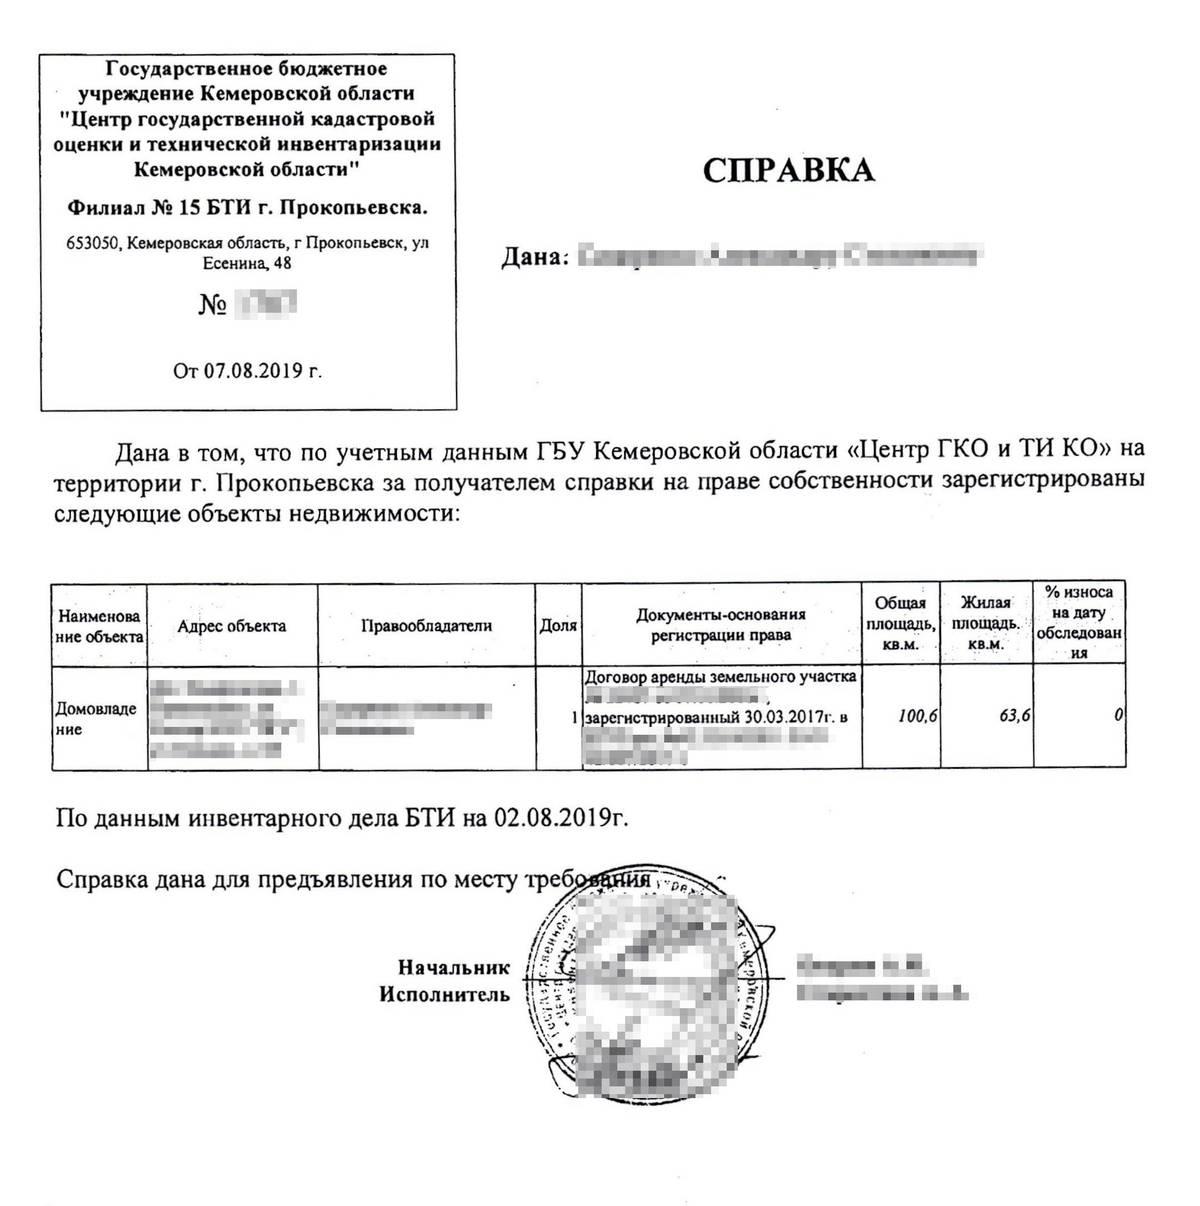 У нас в Прокопьевске выдают вот такие справки БТИ. В них указывают в последнем столбце износ дома. Если износ будет слишком большой — деньги не разрешат использовать на этот дом